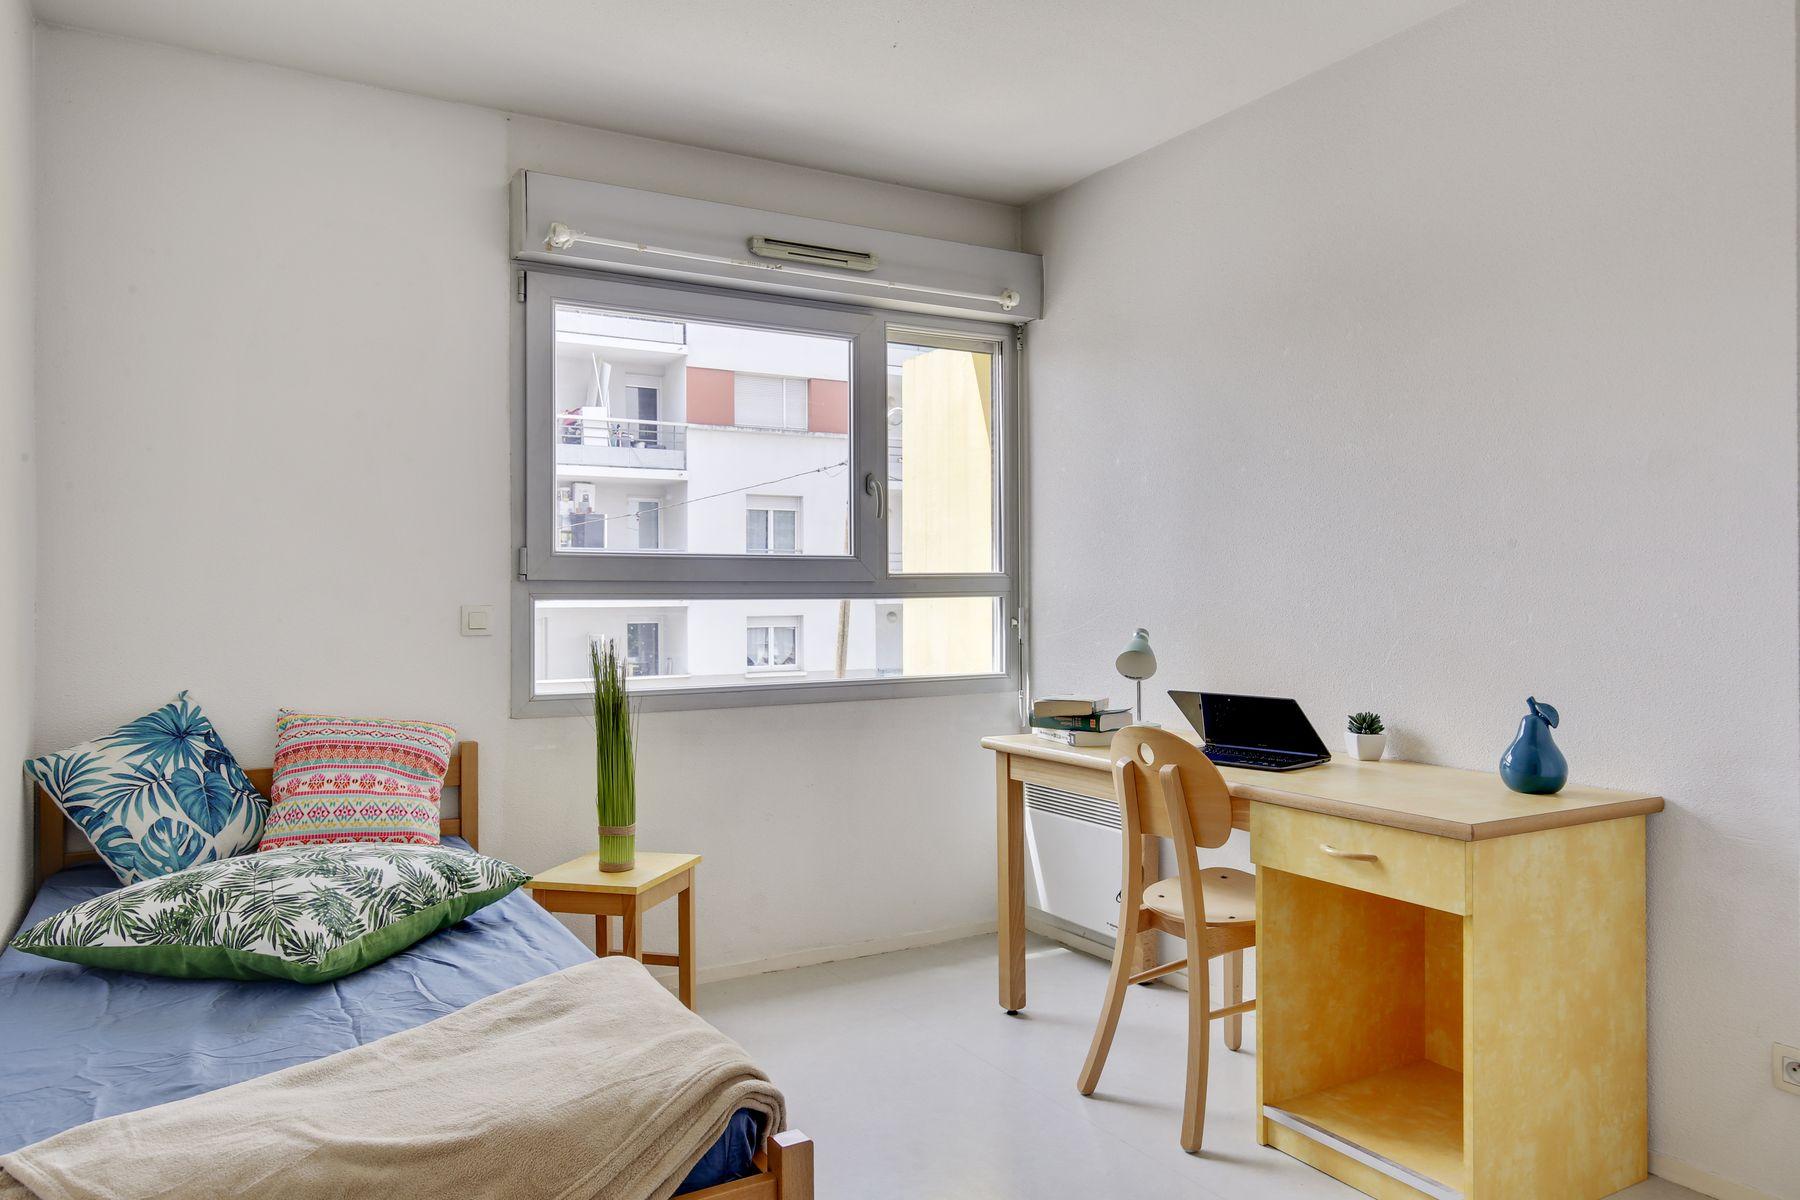 LOGIFAC résidence étudiante Léo Ferré Orly lit et bureau révisions